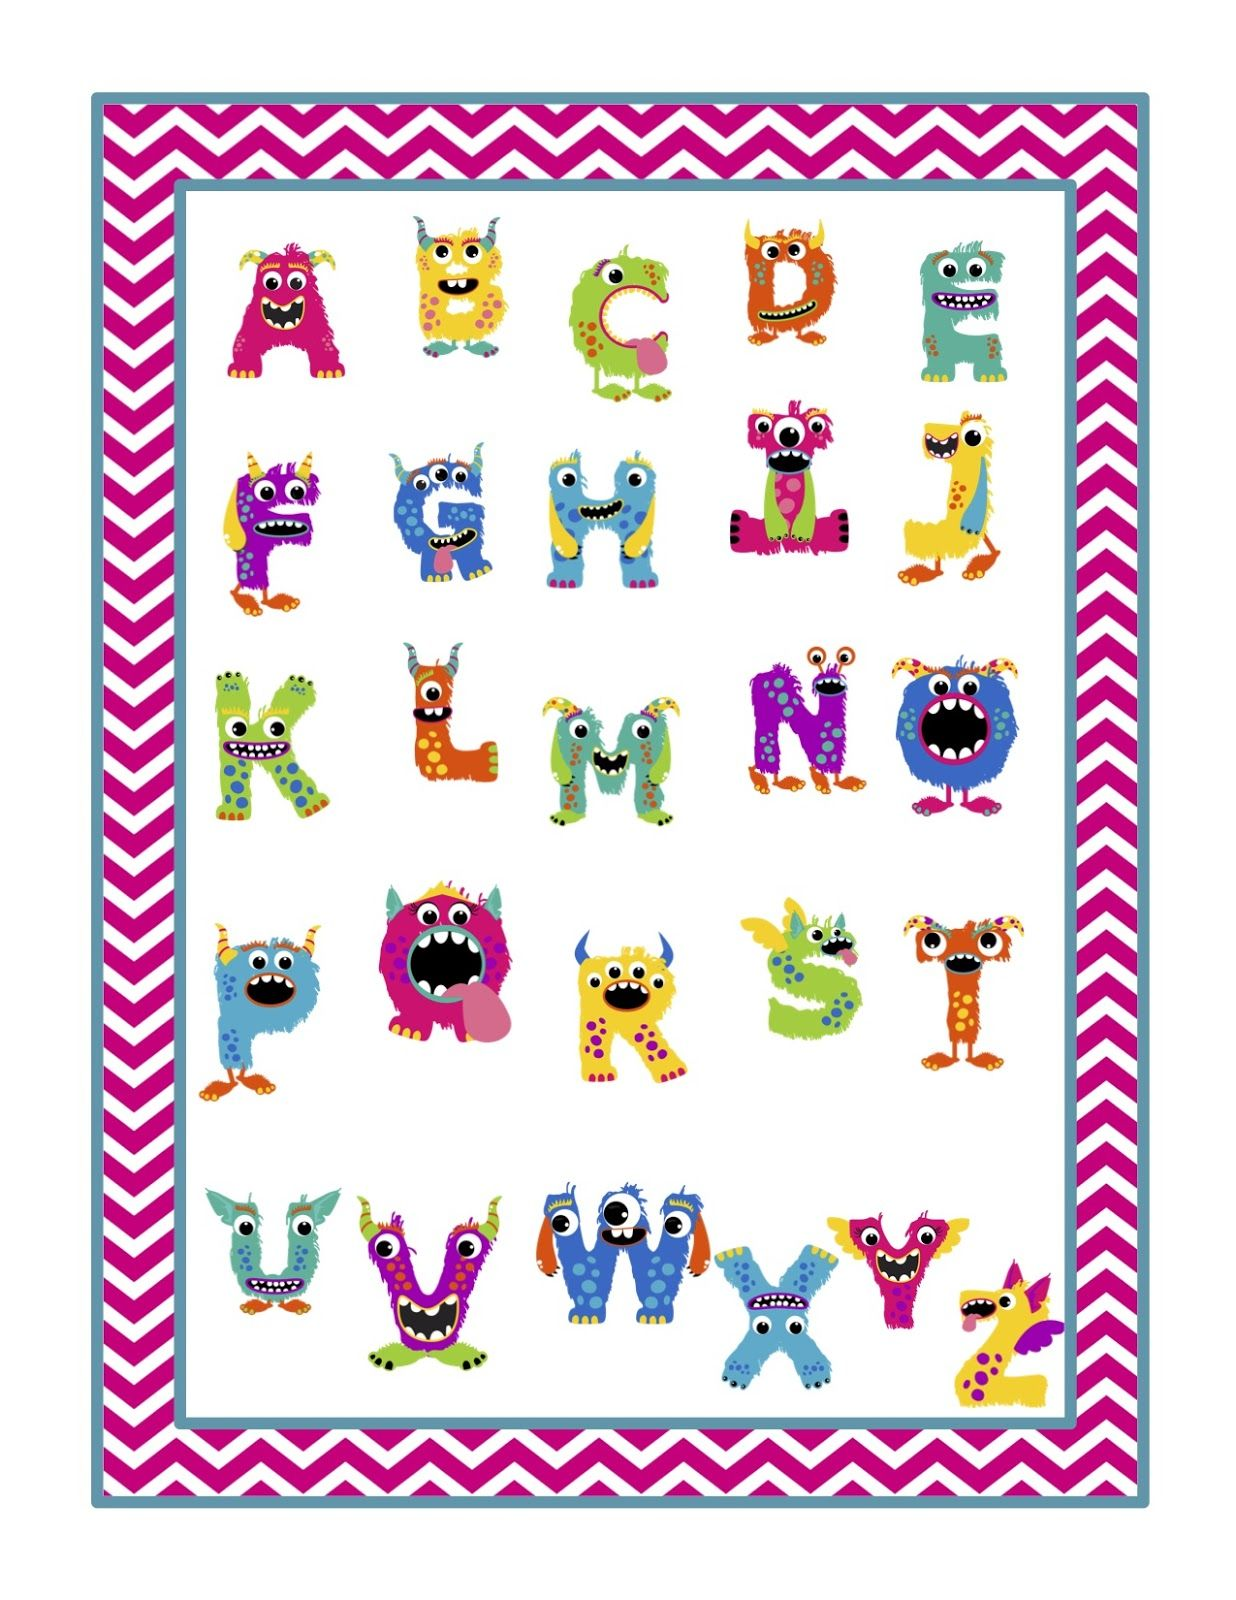 Alphabet monstres th me monstres rigolos pinterest - Images de monstres rigolos ...